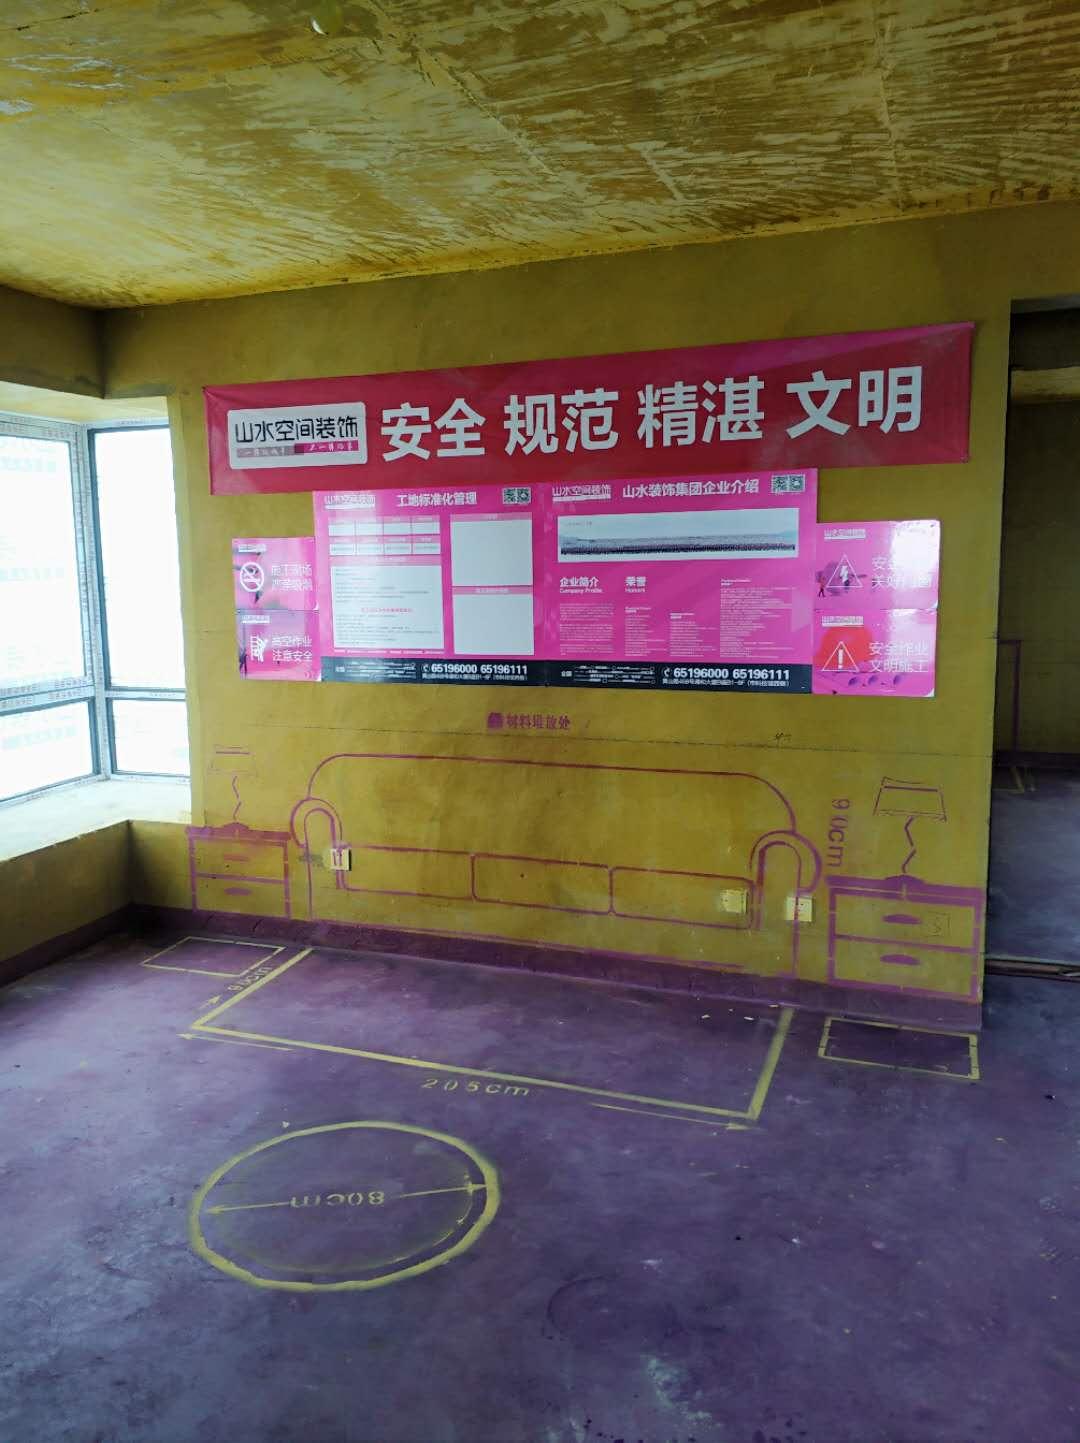 柏庄春暖花开-黄墙紫地/全景放样